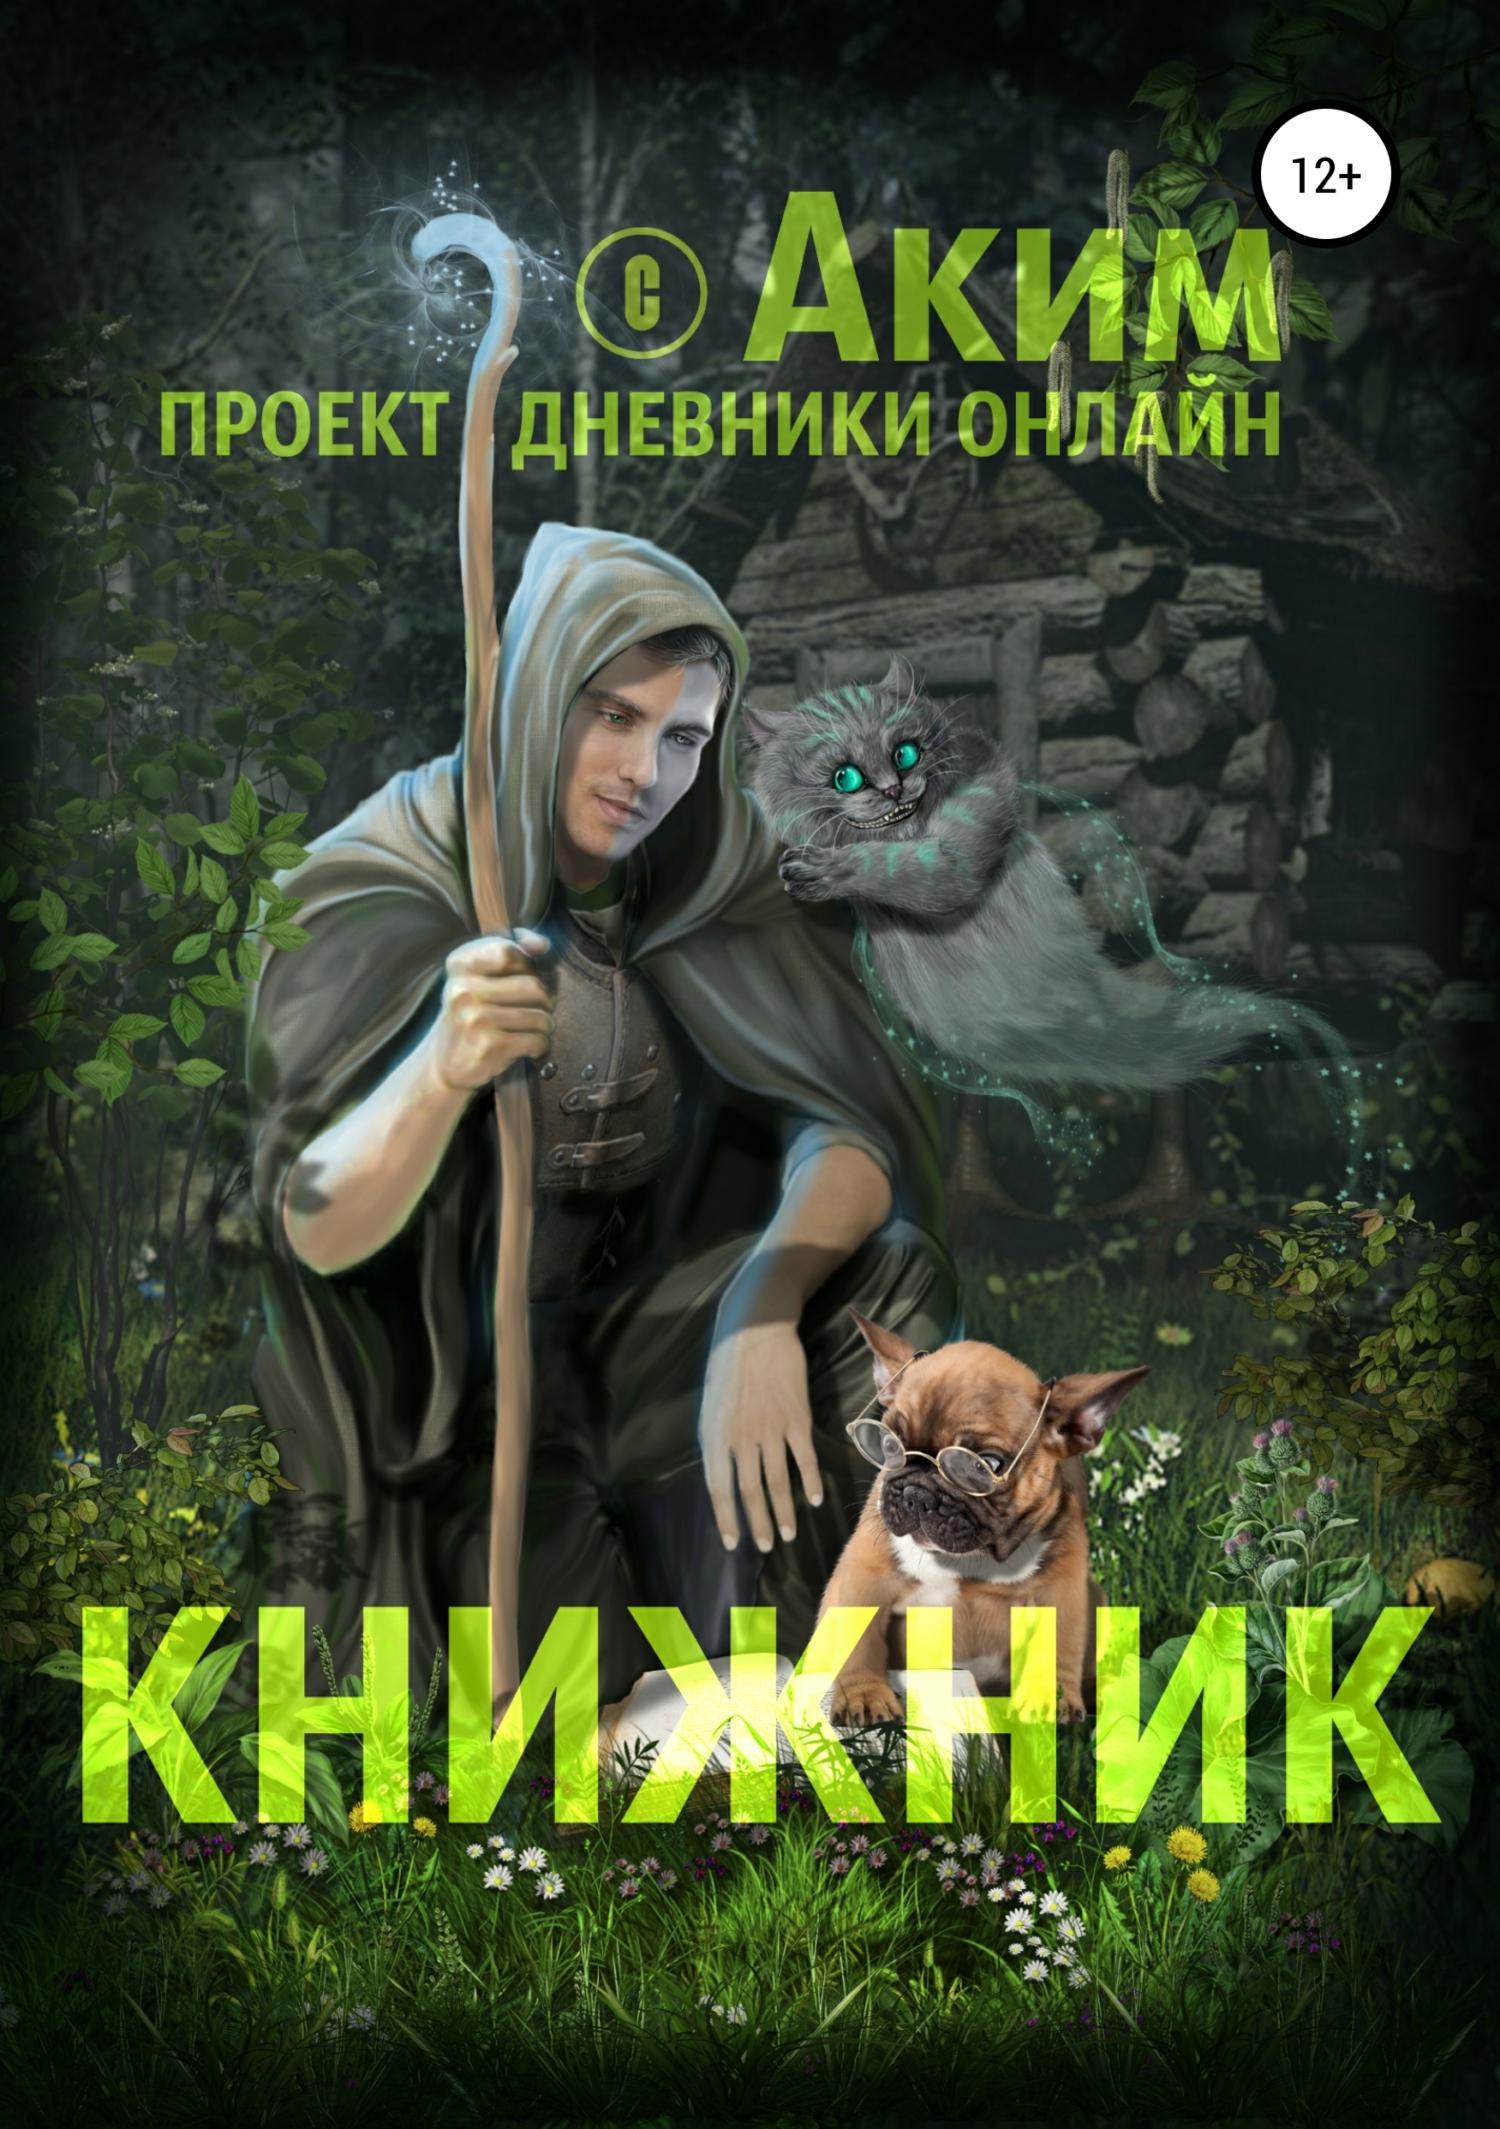 Аким Андреевич Титов Книжник арбитман роман эмильевич поединок крысы с мечтой о книгах людях и около того